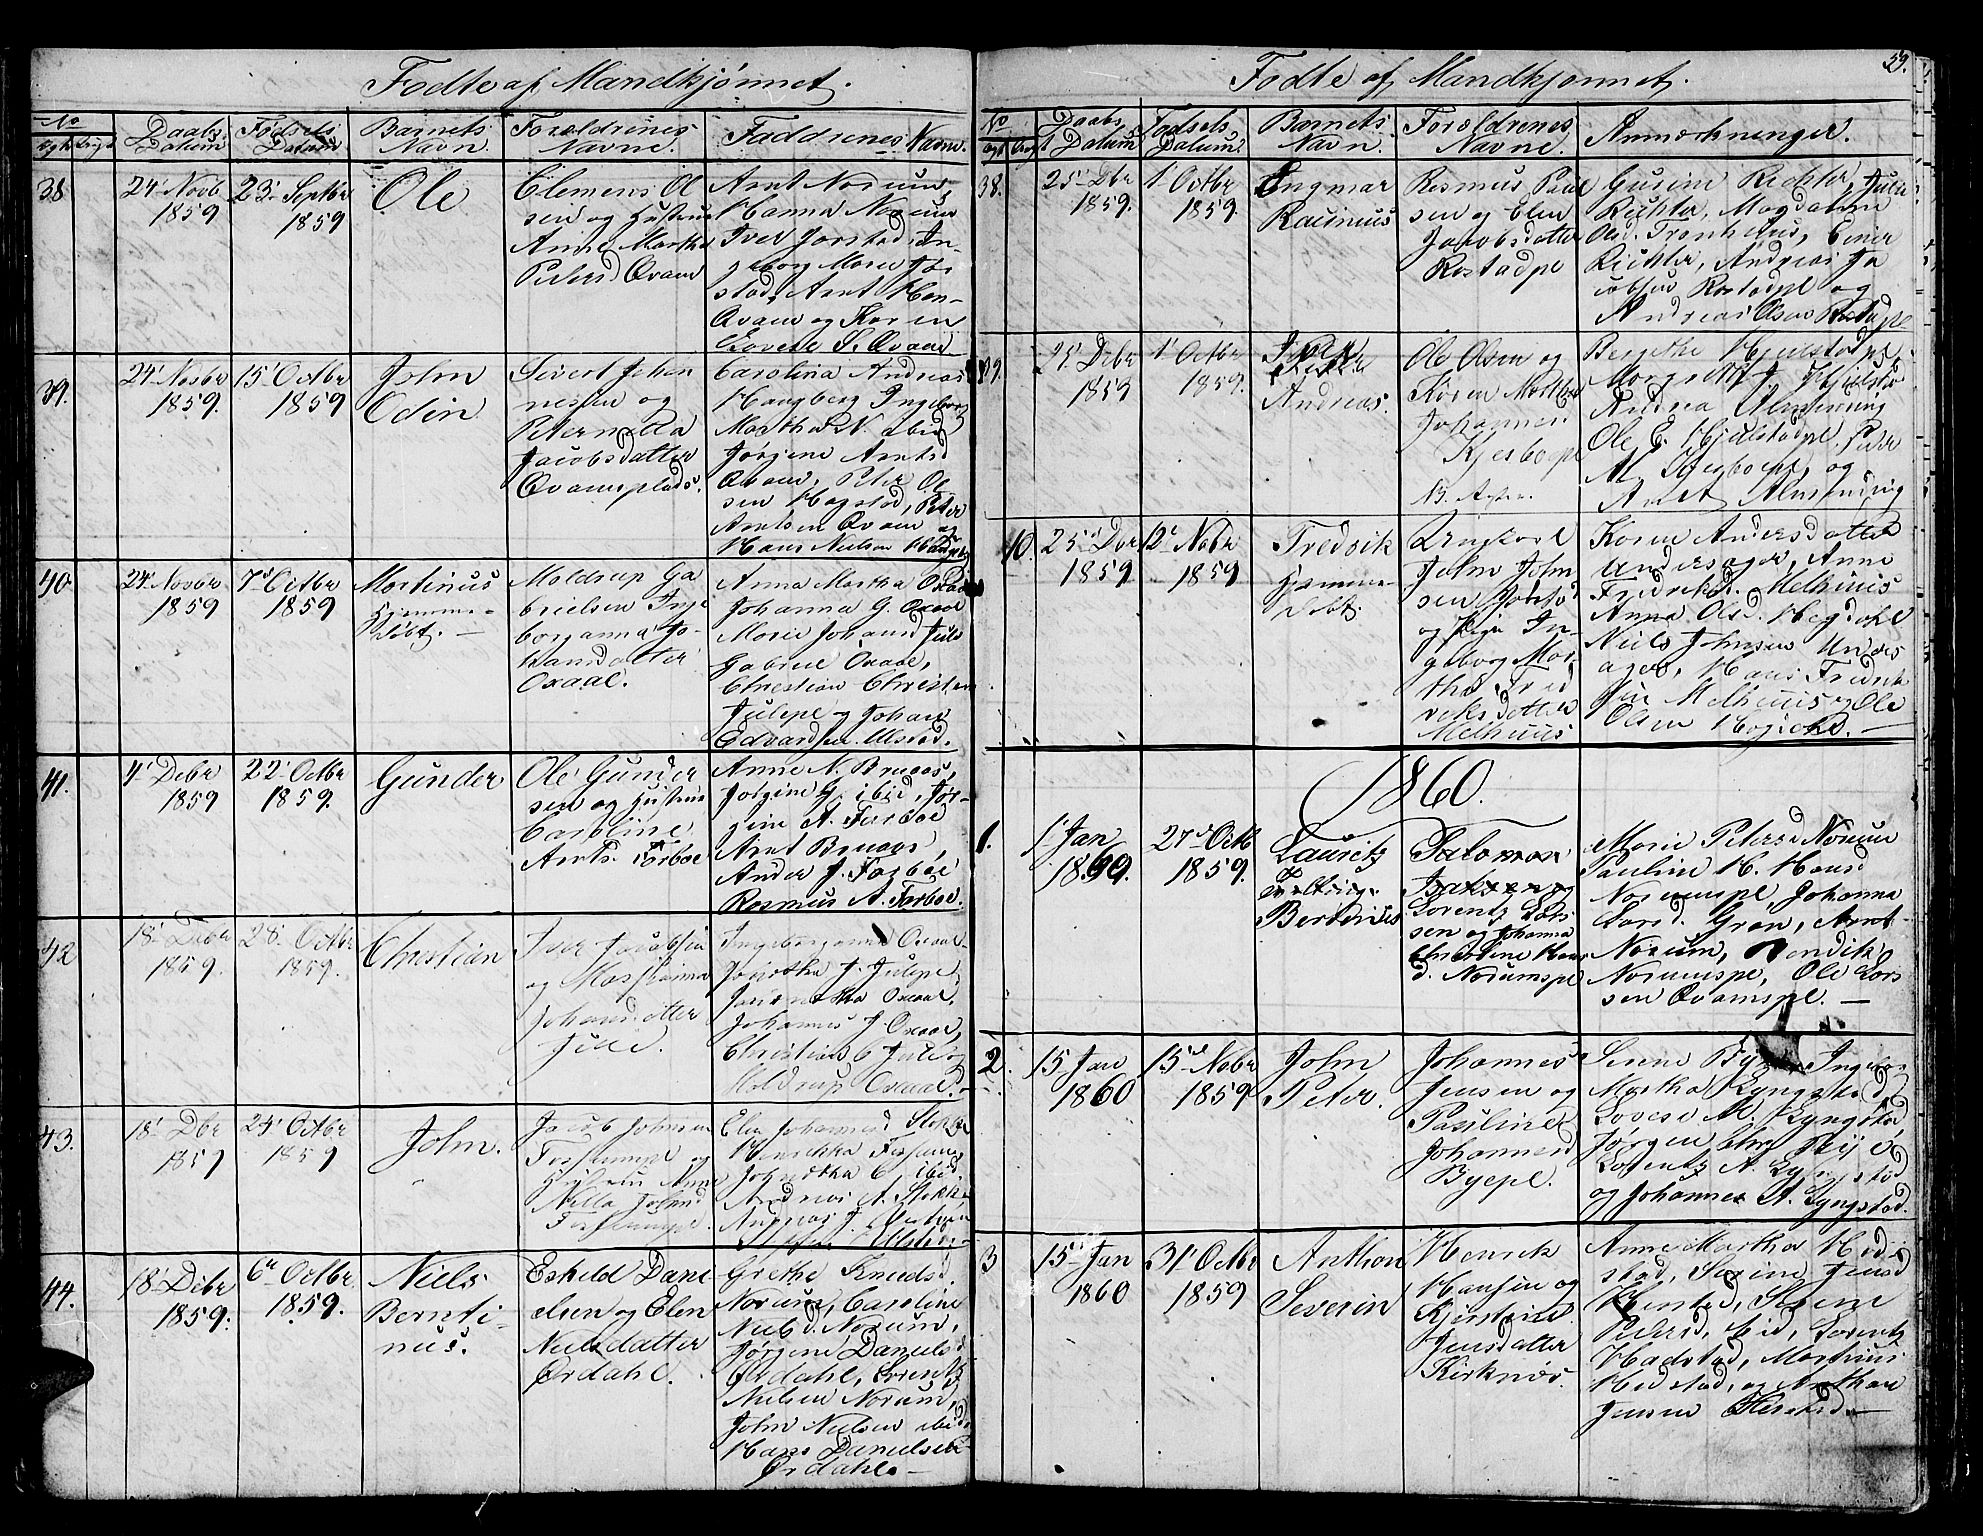 SAT, Ministerialprotokoller, klokkerbøker og fødselsregistre - Nord-Trøndelag, 730/L0299: Klokkerbok nr. 730C02, 1849-1871, s. 59